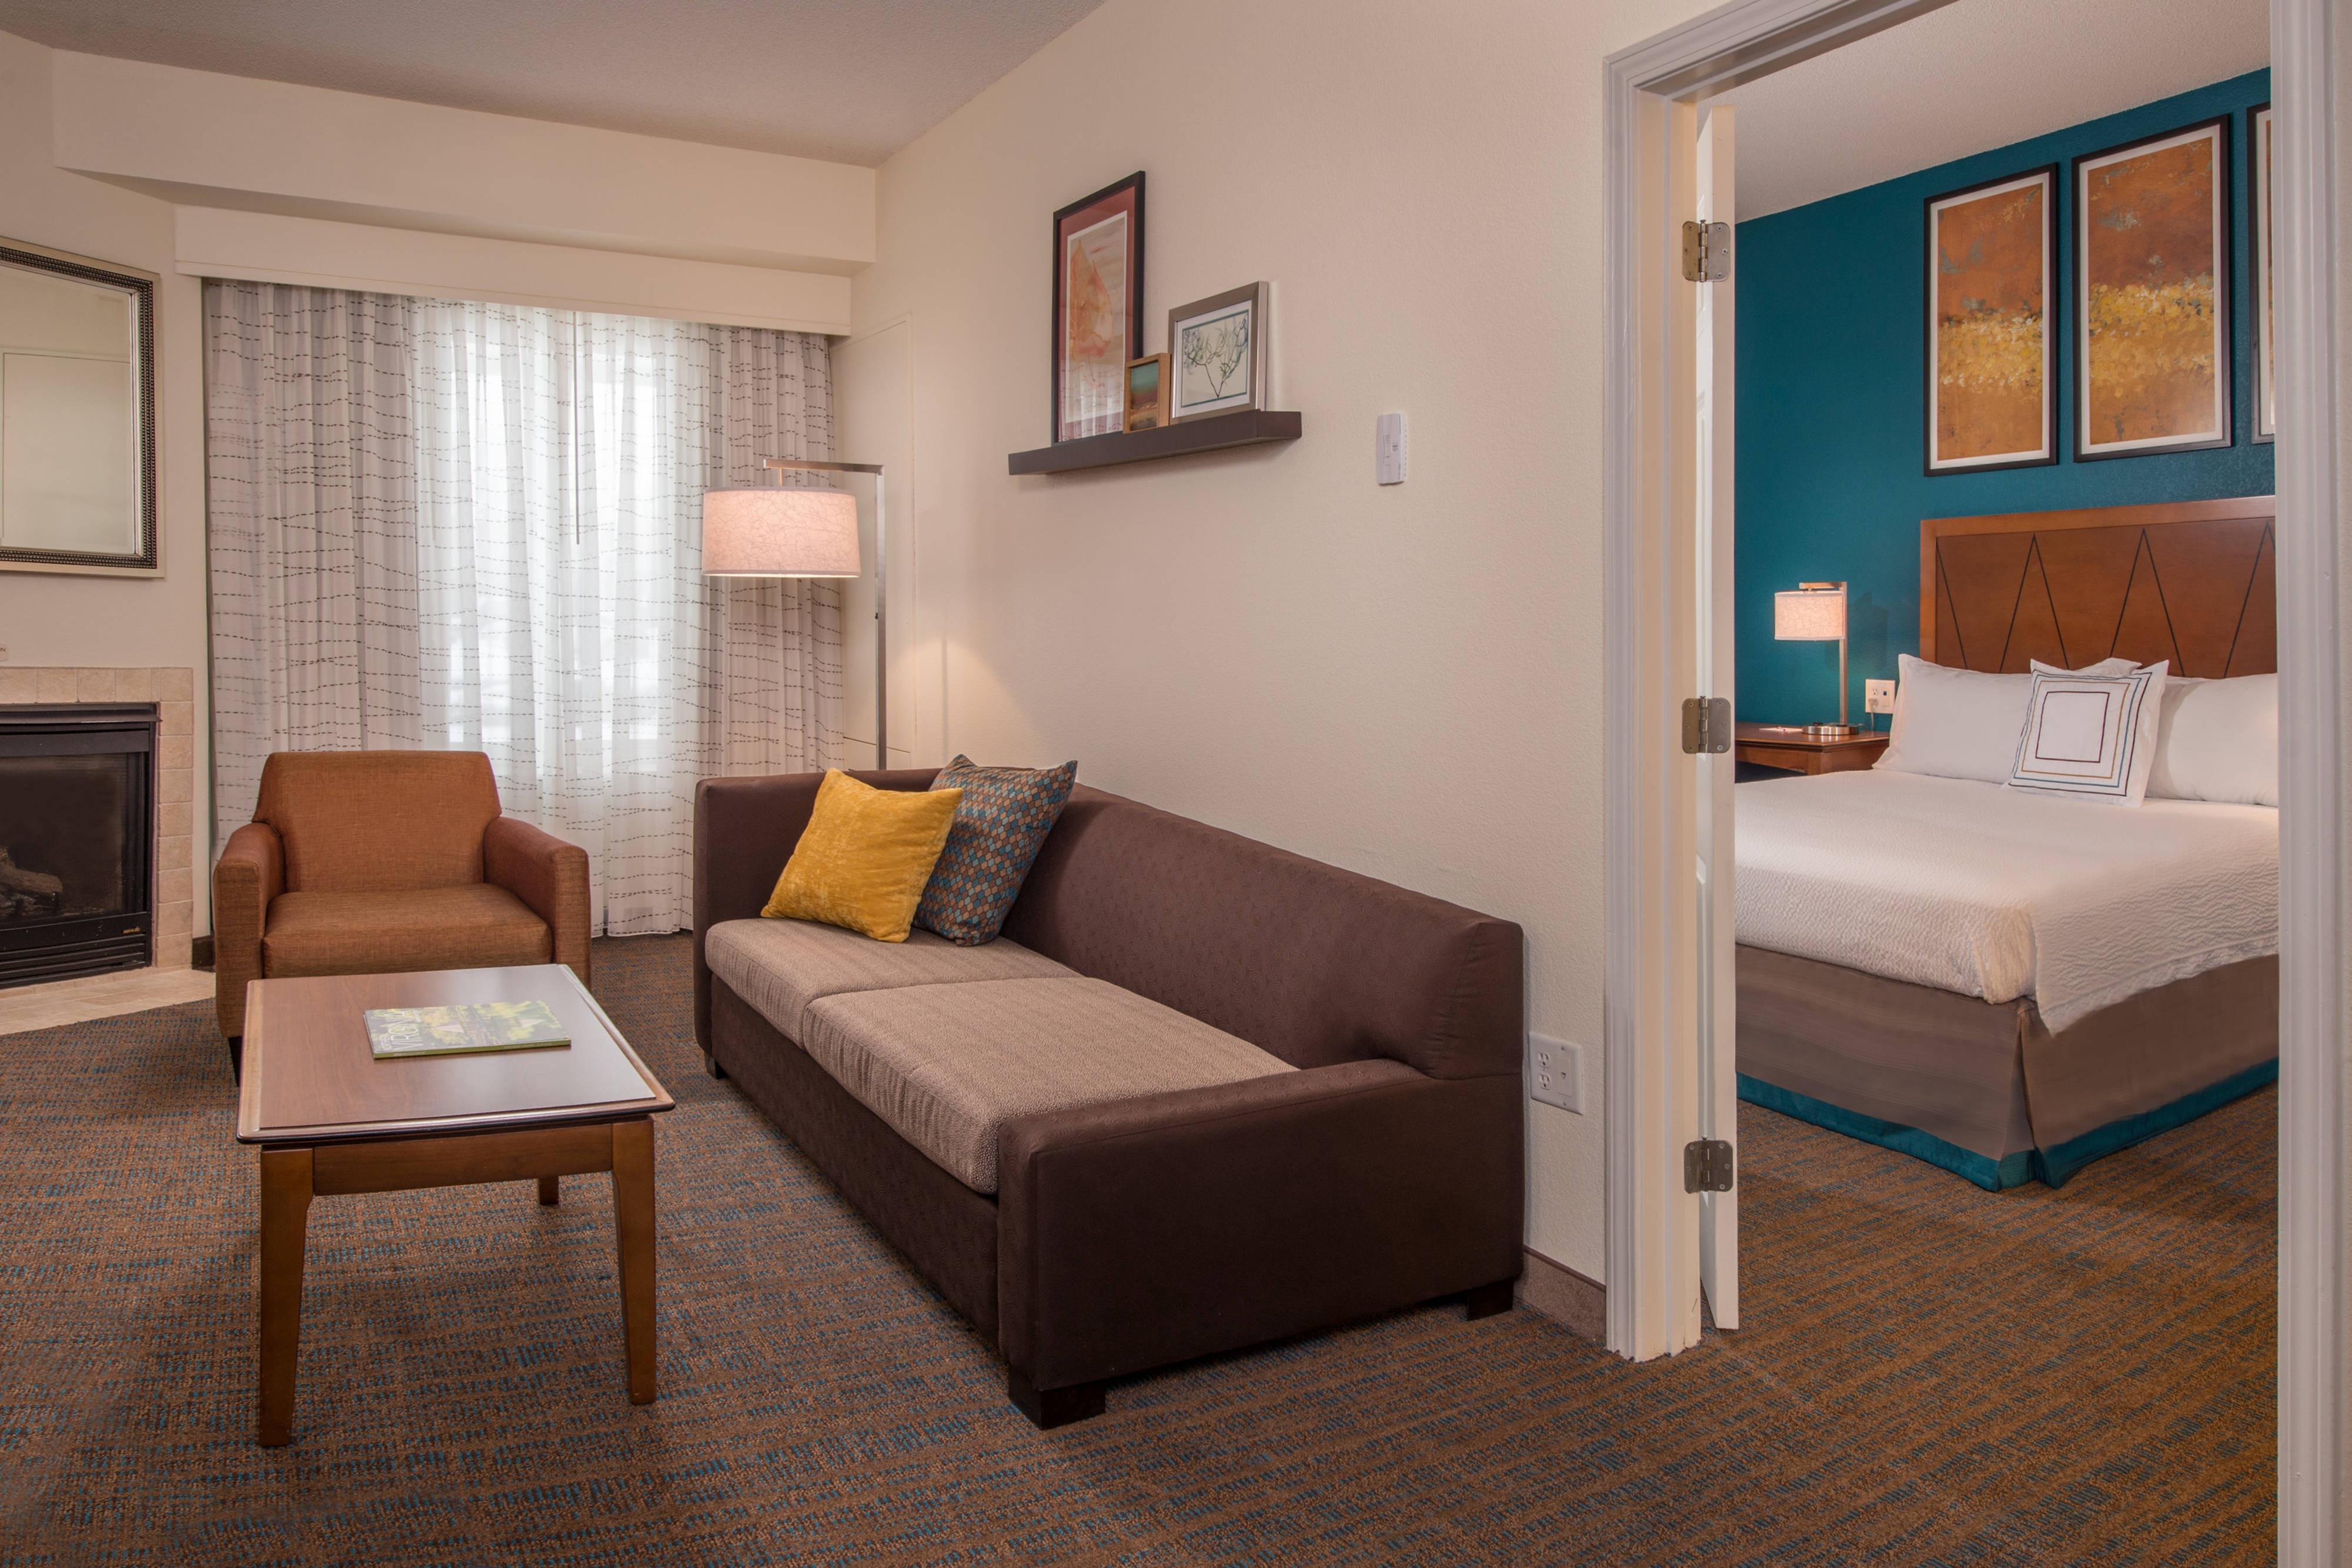 Suite de dos dormitorios con chimenea